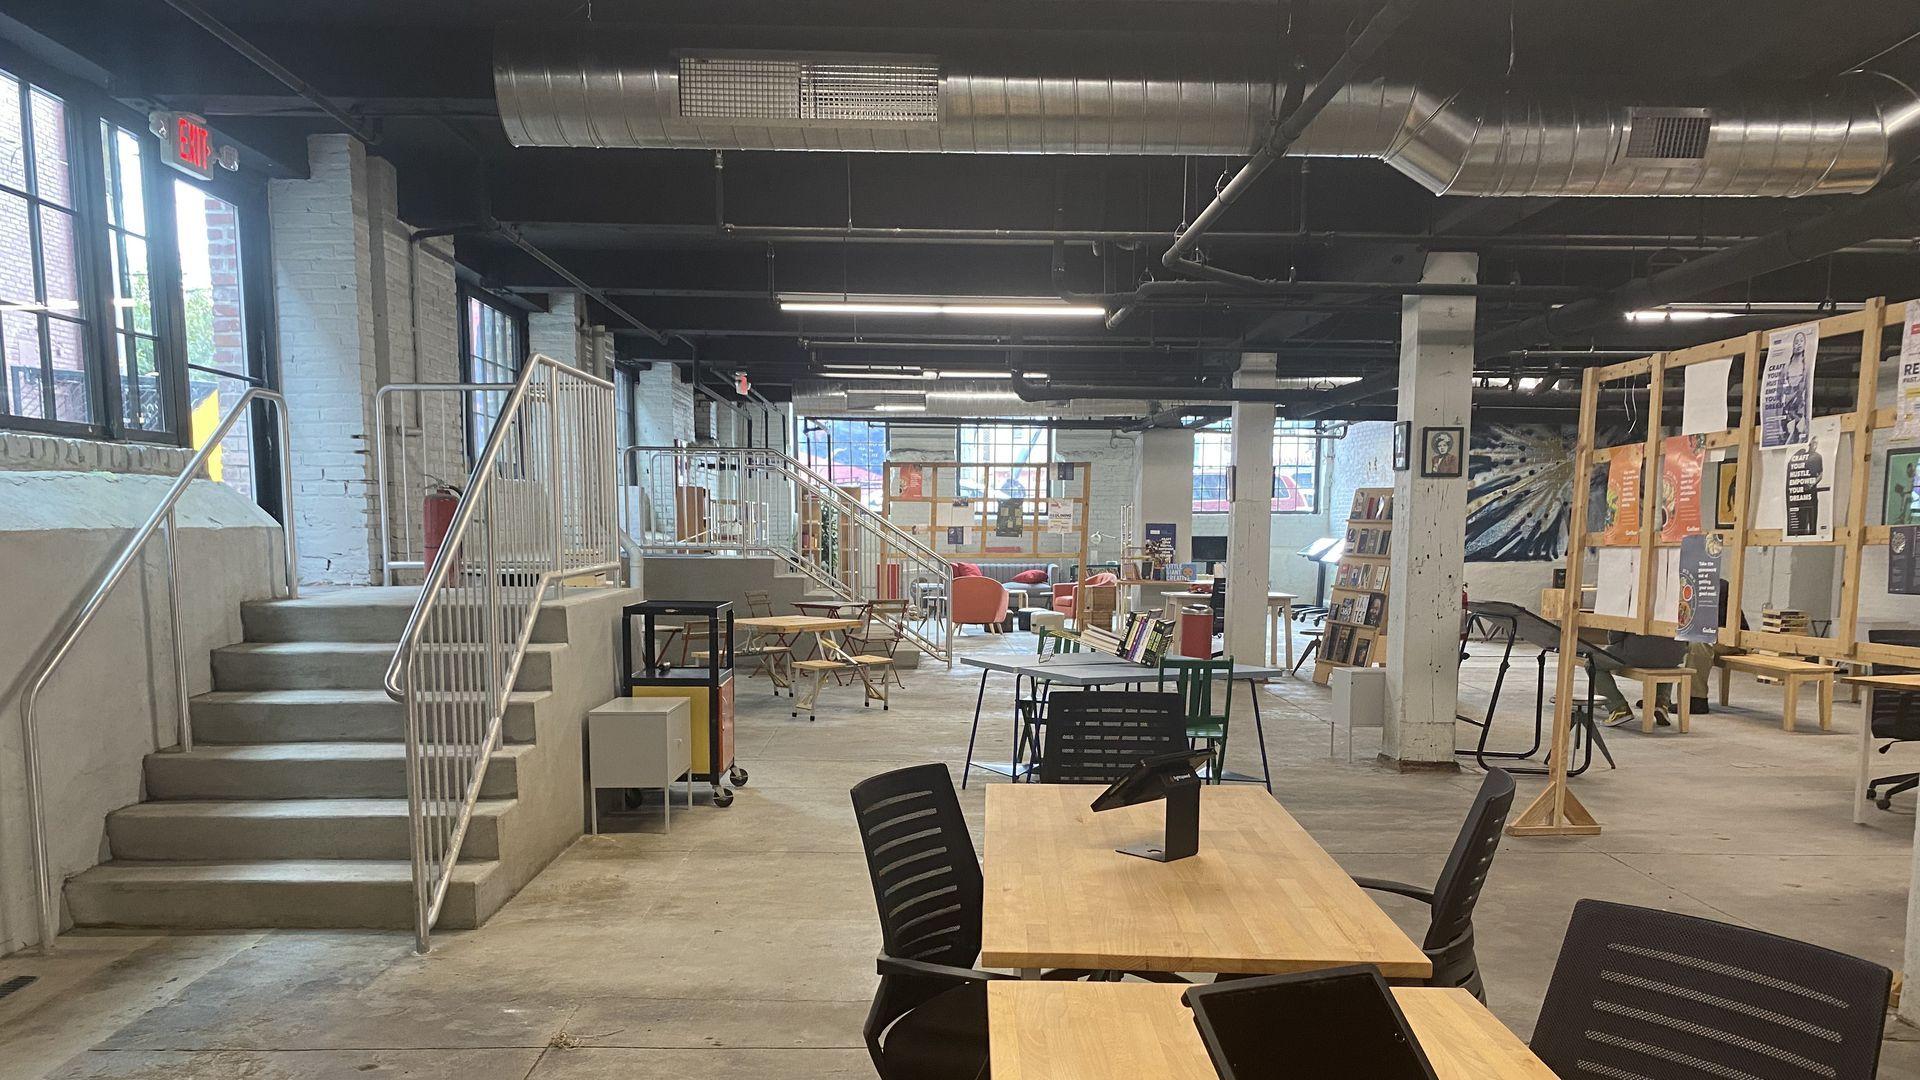 Sneak Peek of the IF Lab in Kensington